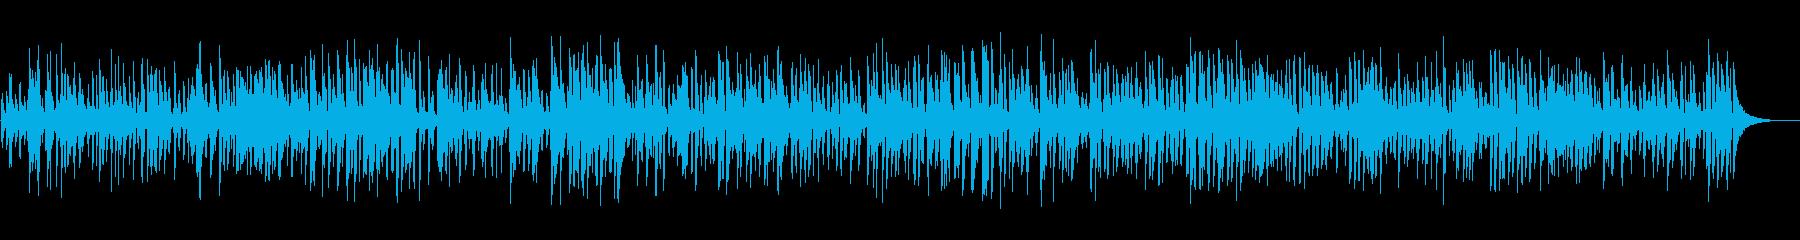 レトロジャズピアノトリオライブジャズ演奏の再生済みの波形